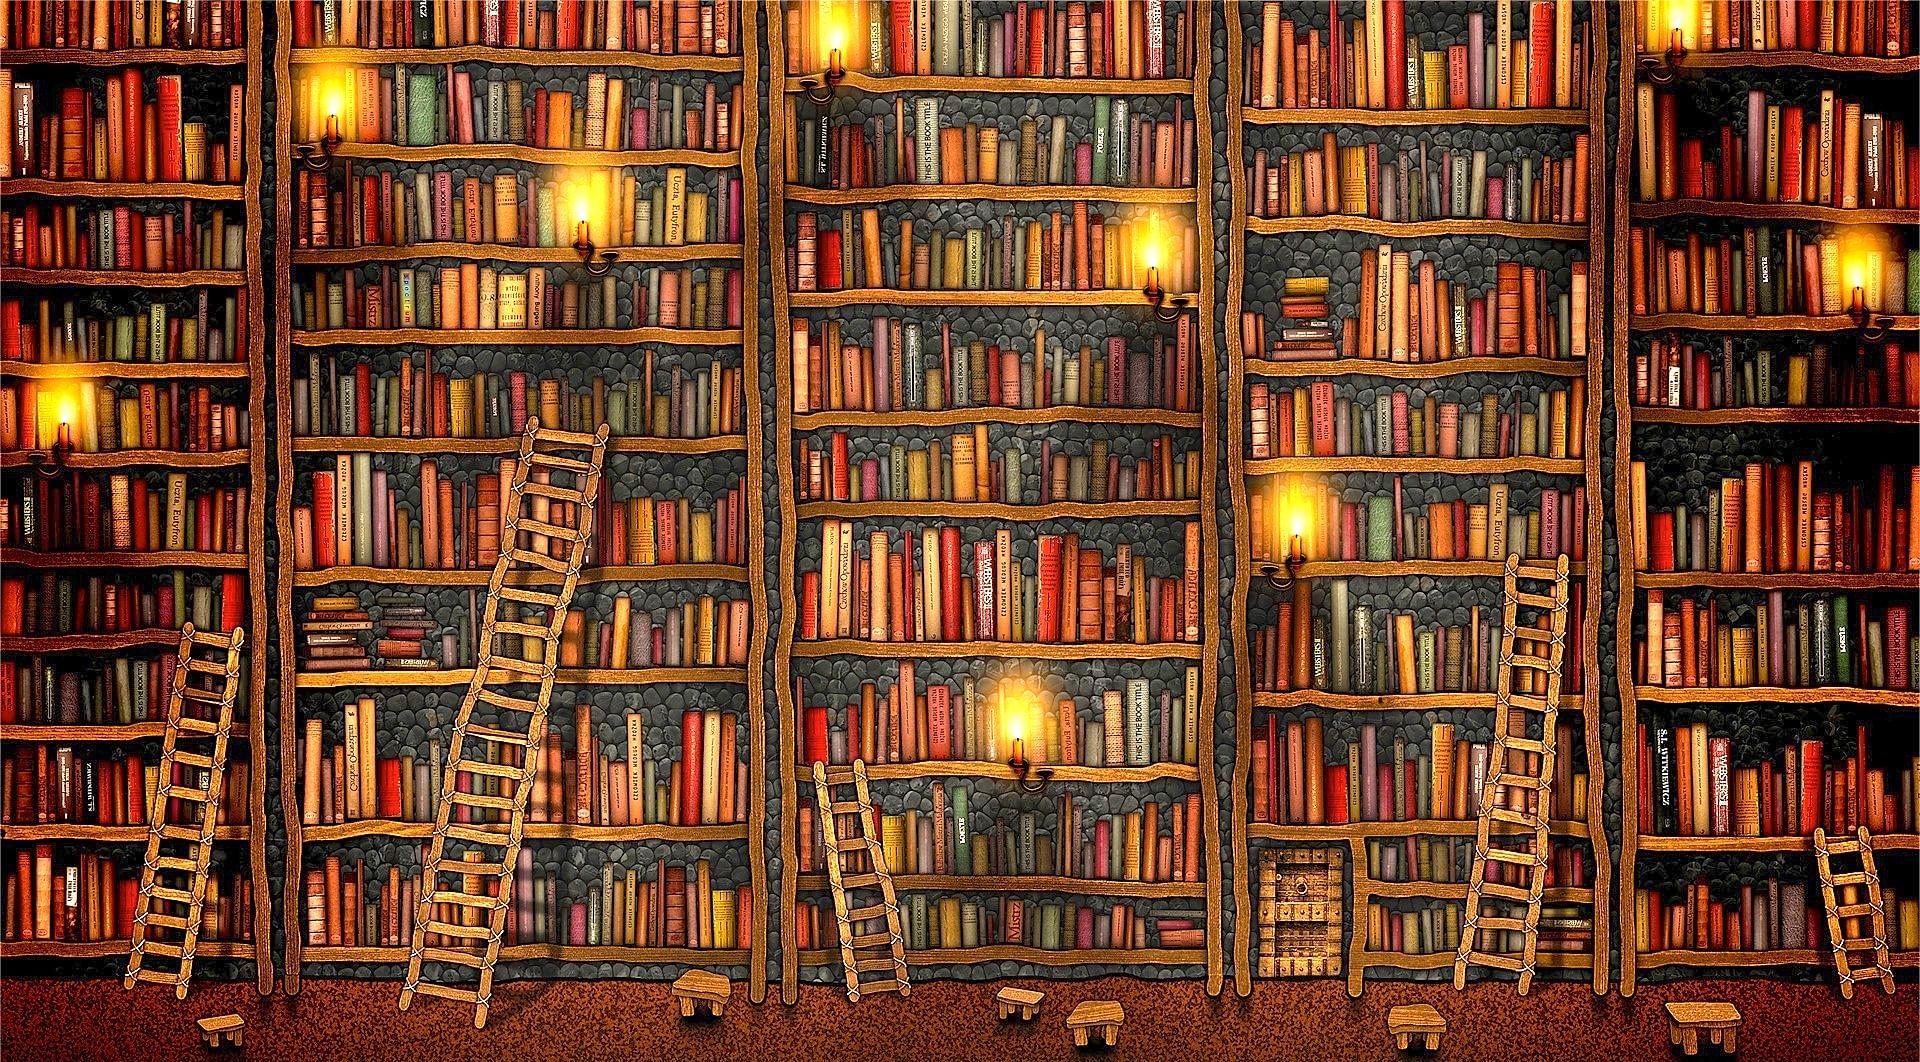 комната-библиотека загрузить